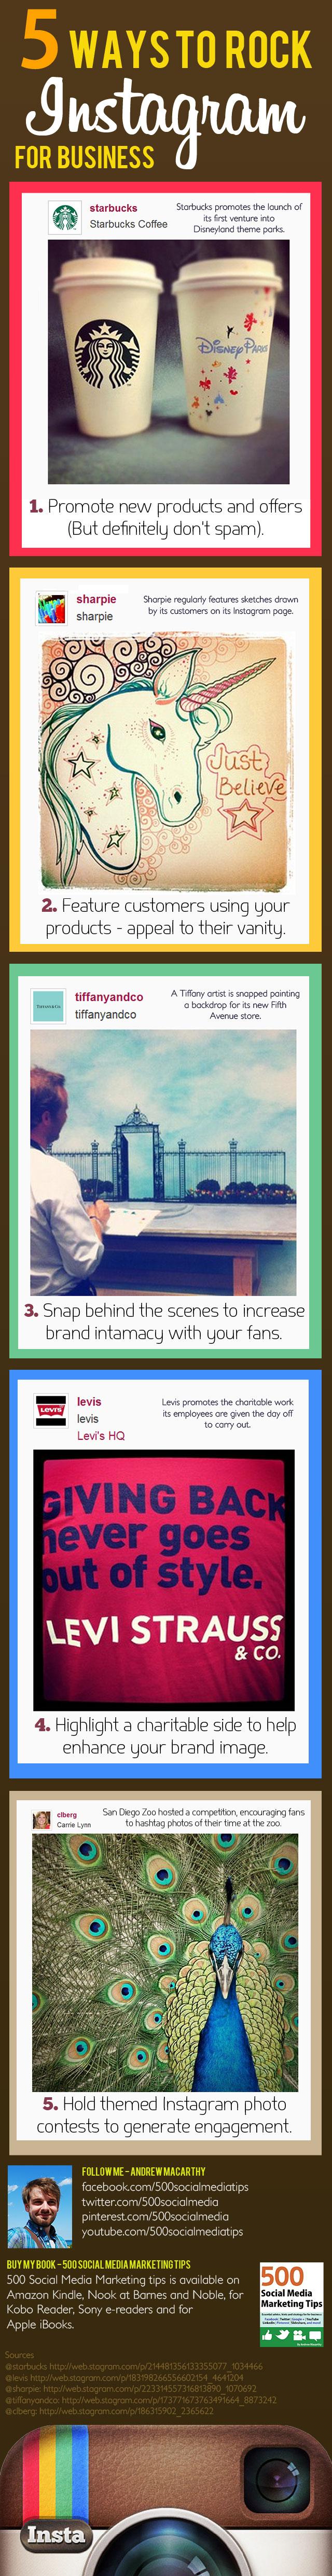 Infografía: 5 formas de utilizar Instagram para nuestro negocio